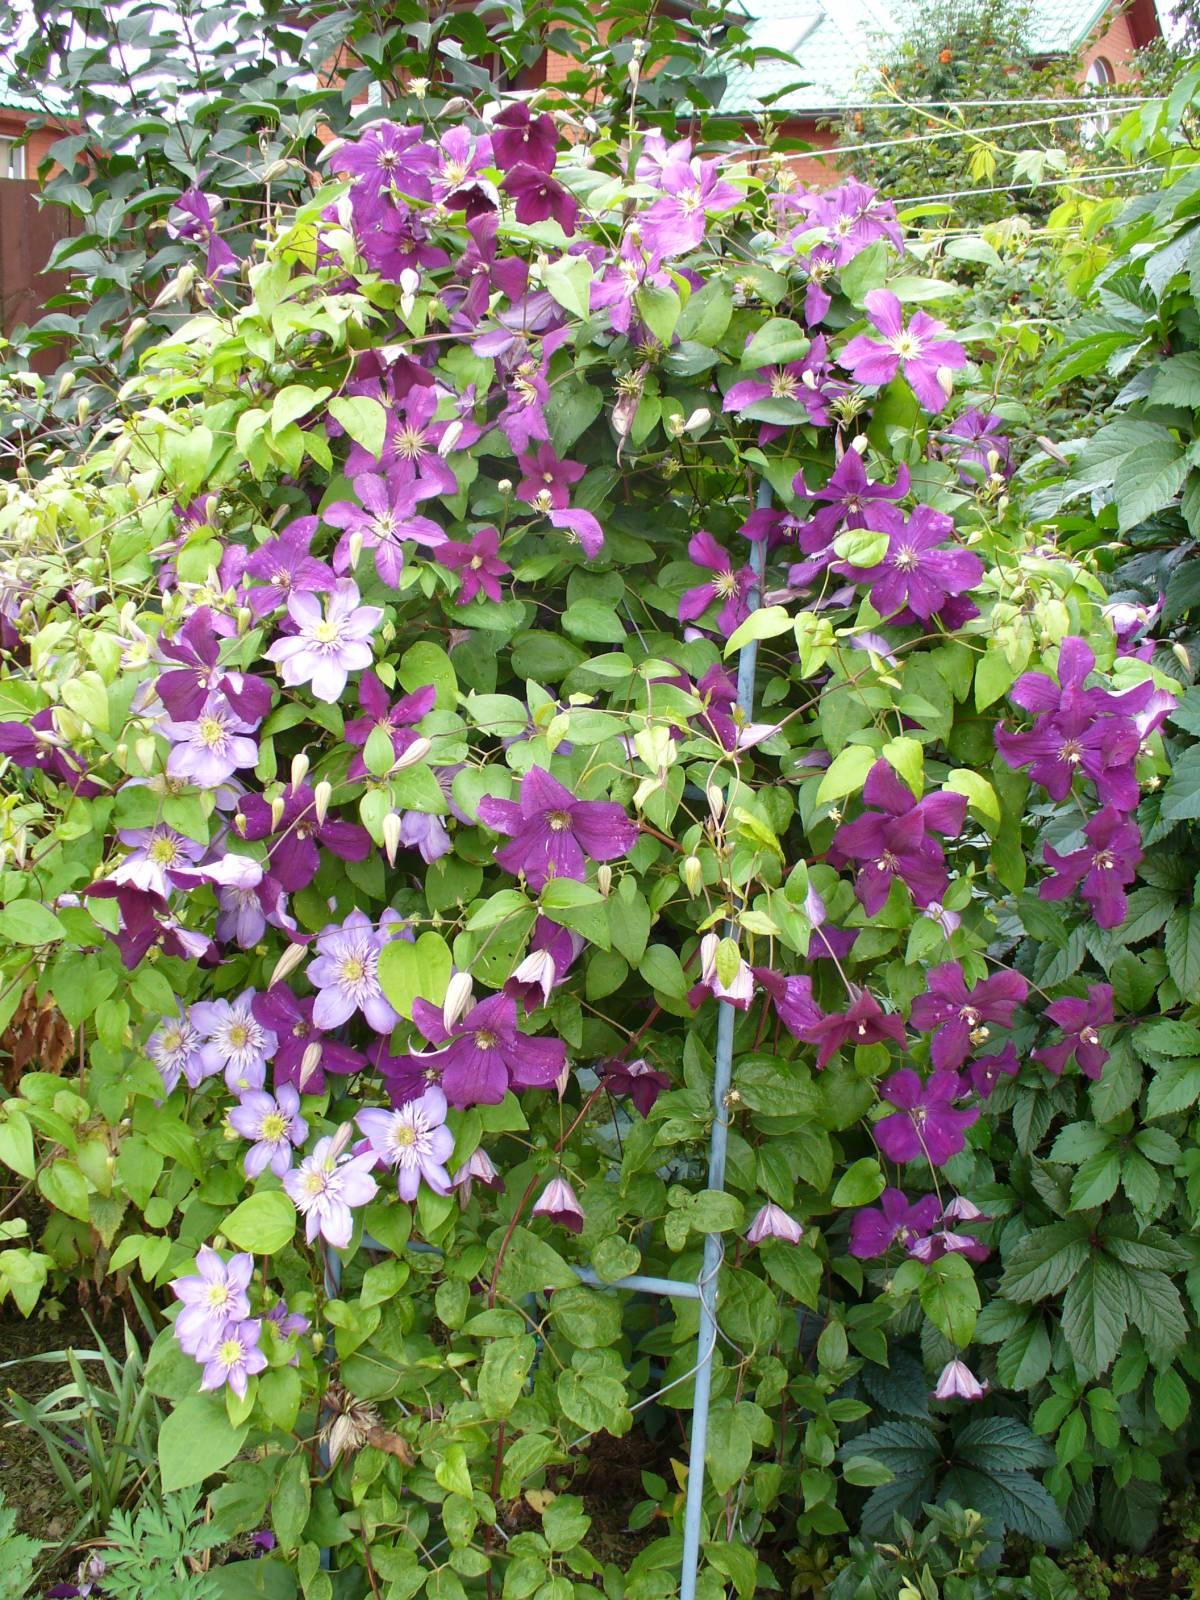 Цветок мужегон, как выглядят цветы мужегоны, фото и видео